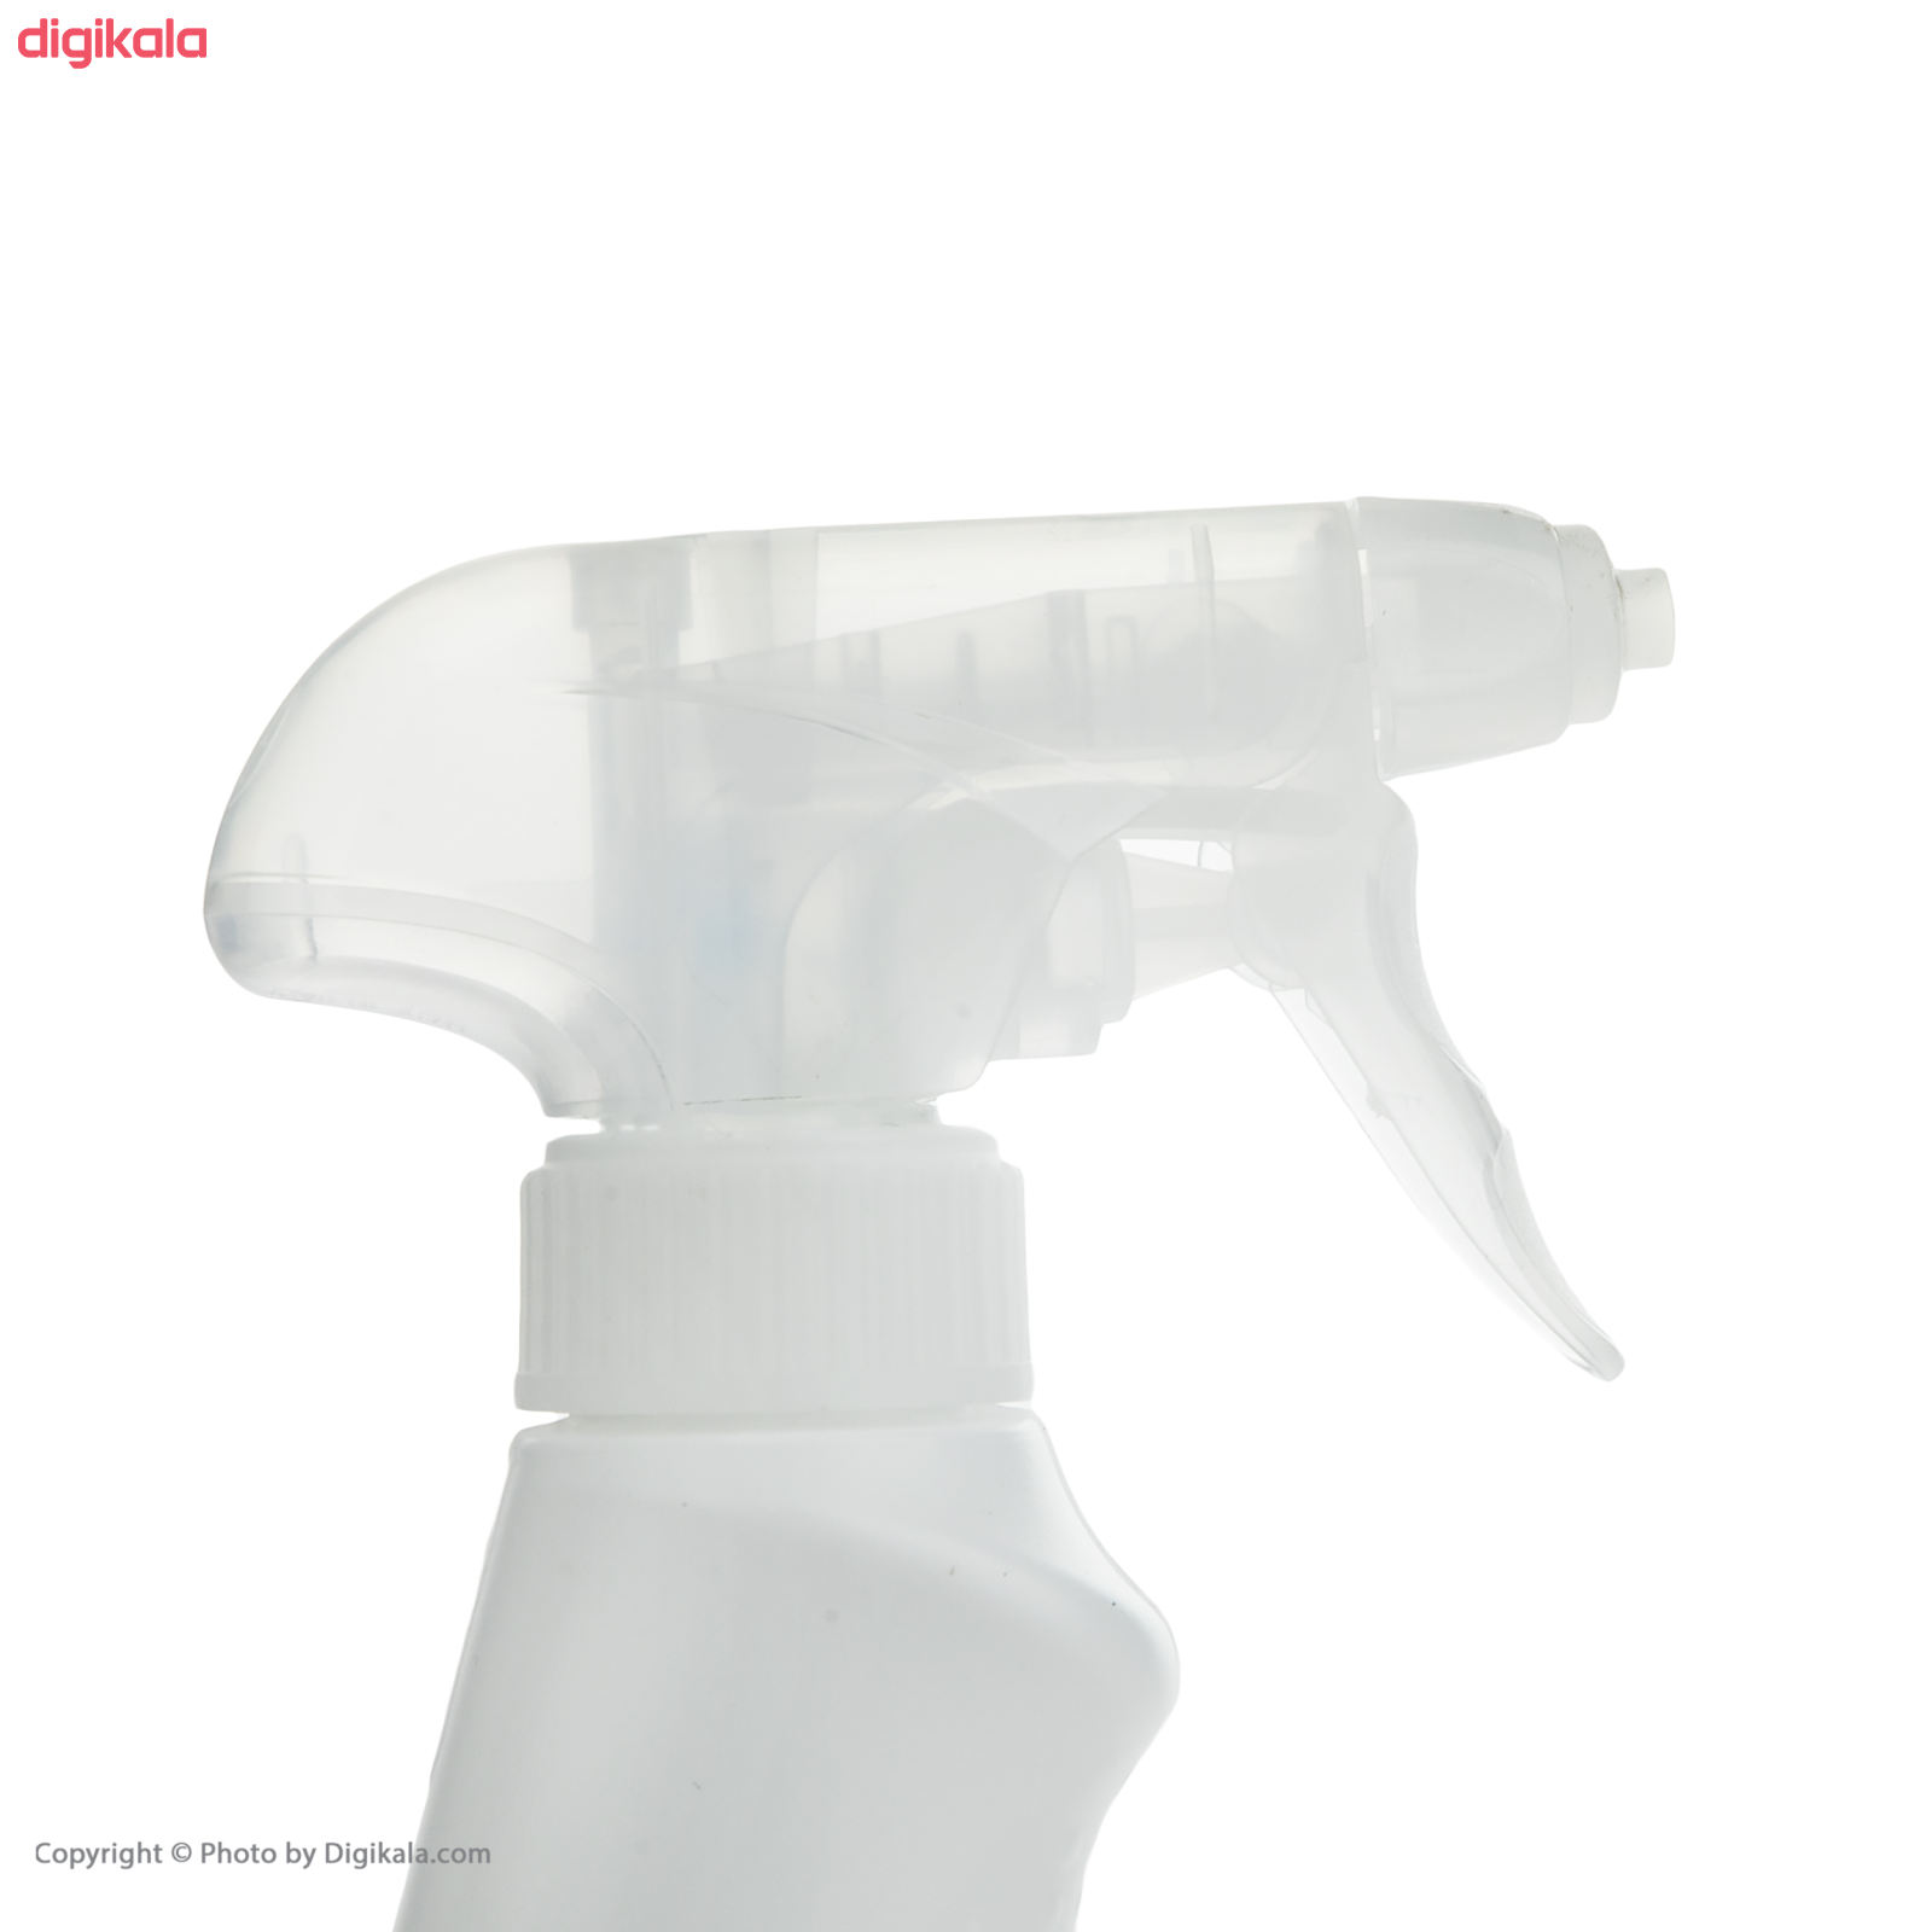 کرم تمیزکننده سطوح و اسپری تمیز کننده حمام و دستشویی سیف حجم 750 میلی لیتر بسته 2 عددی  main 1 2